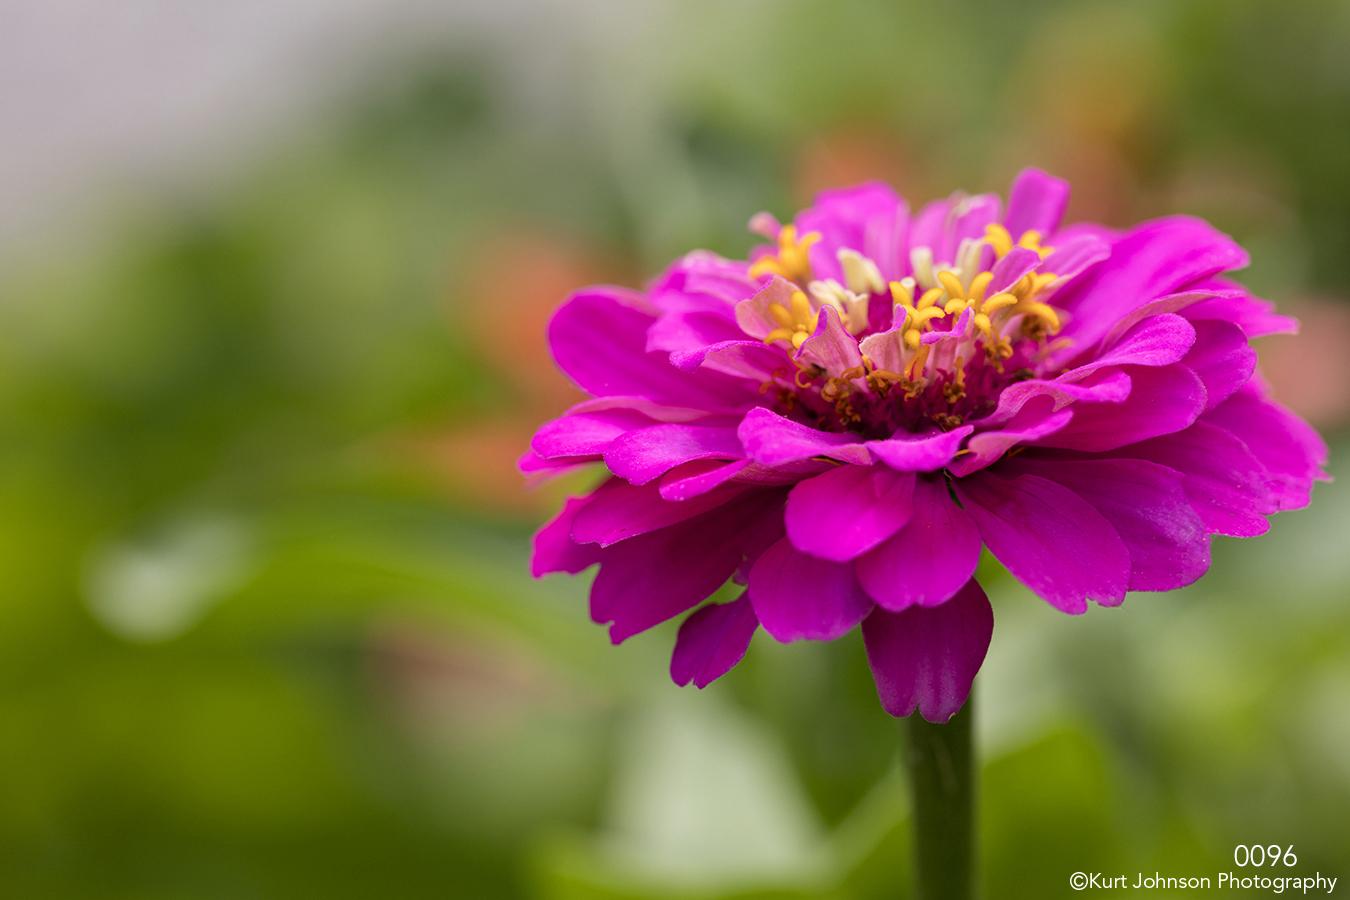 flower pink petals green